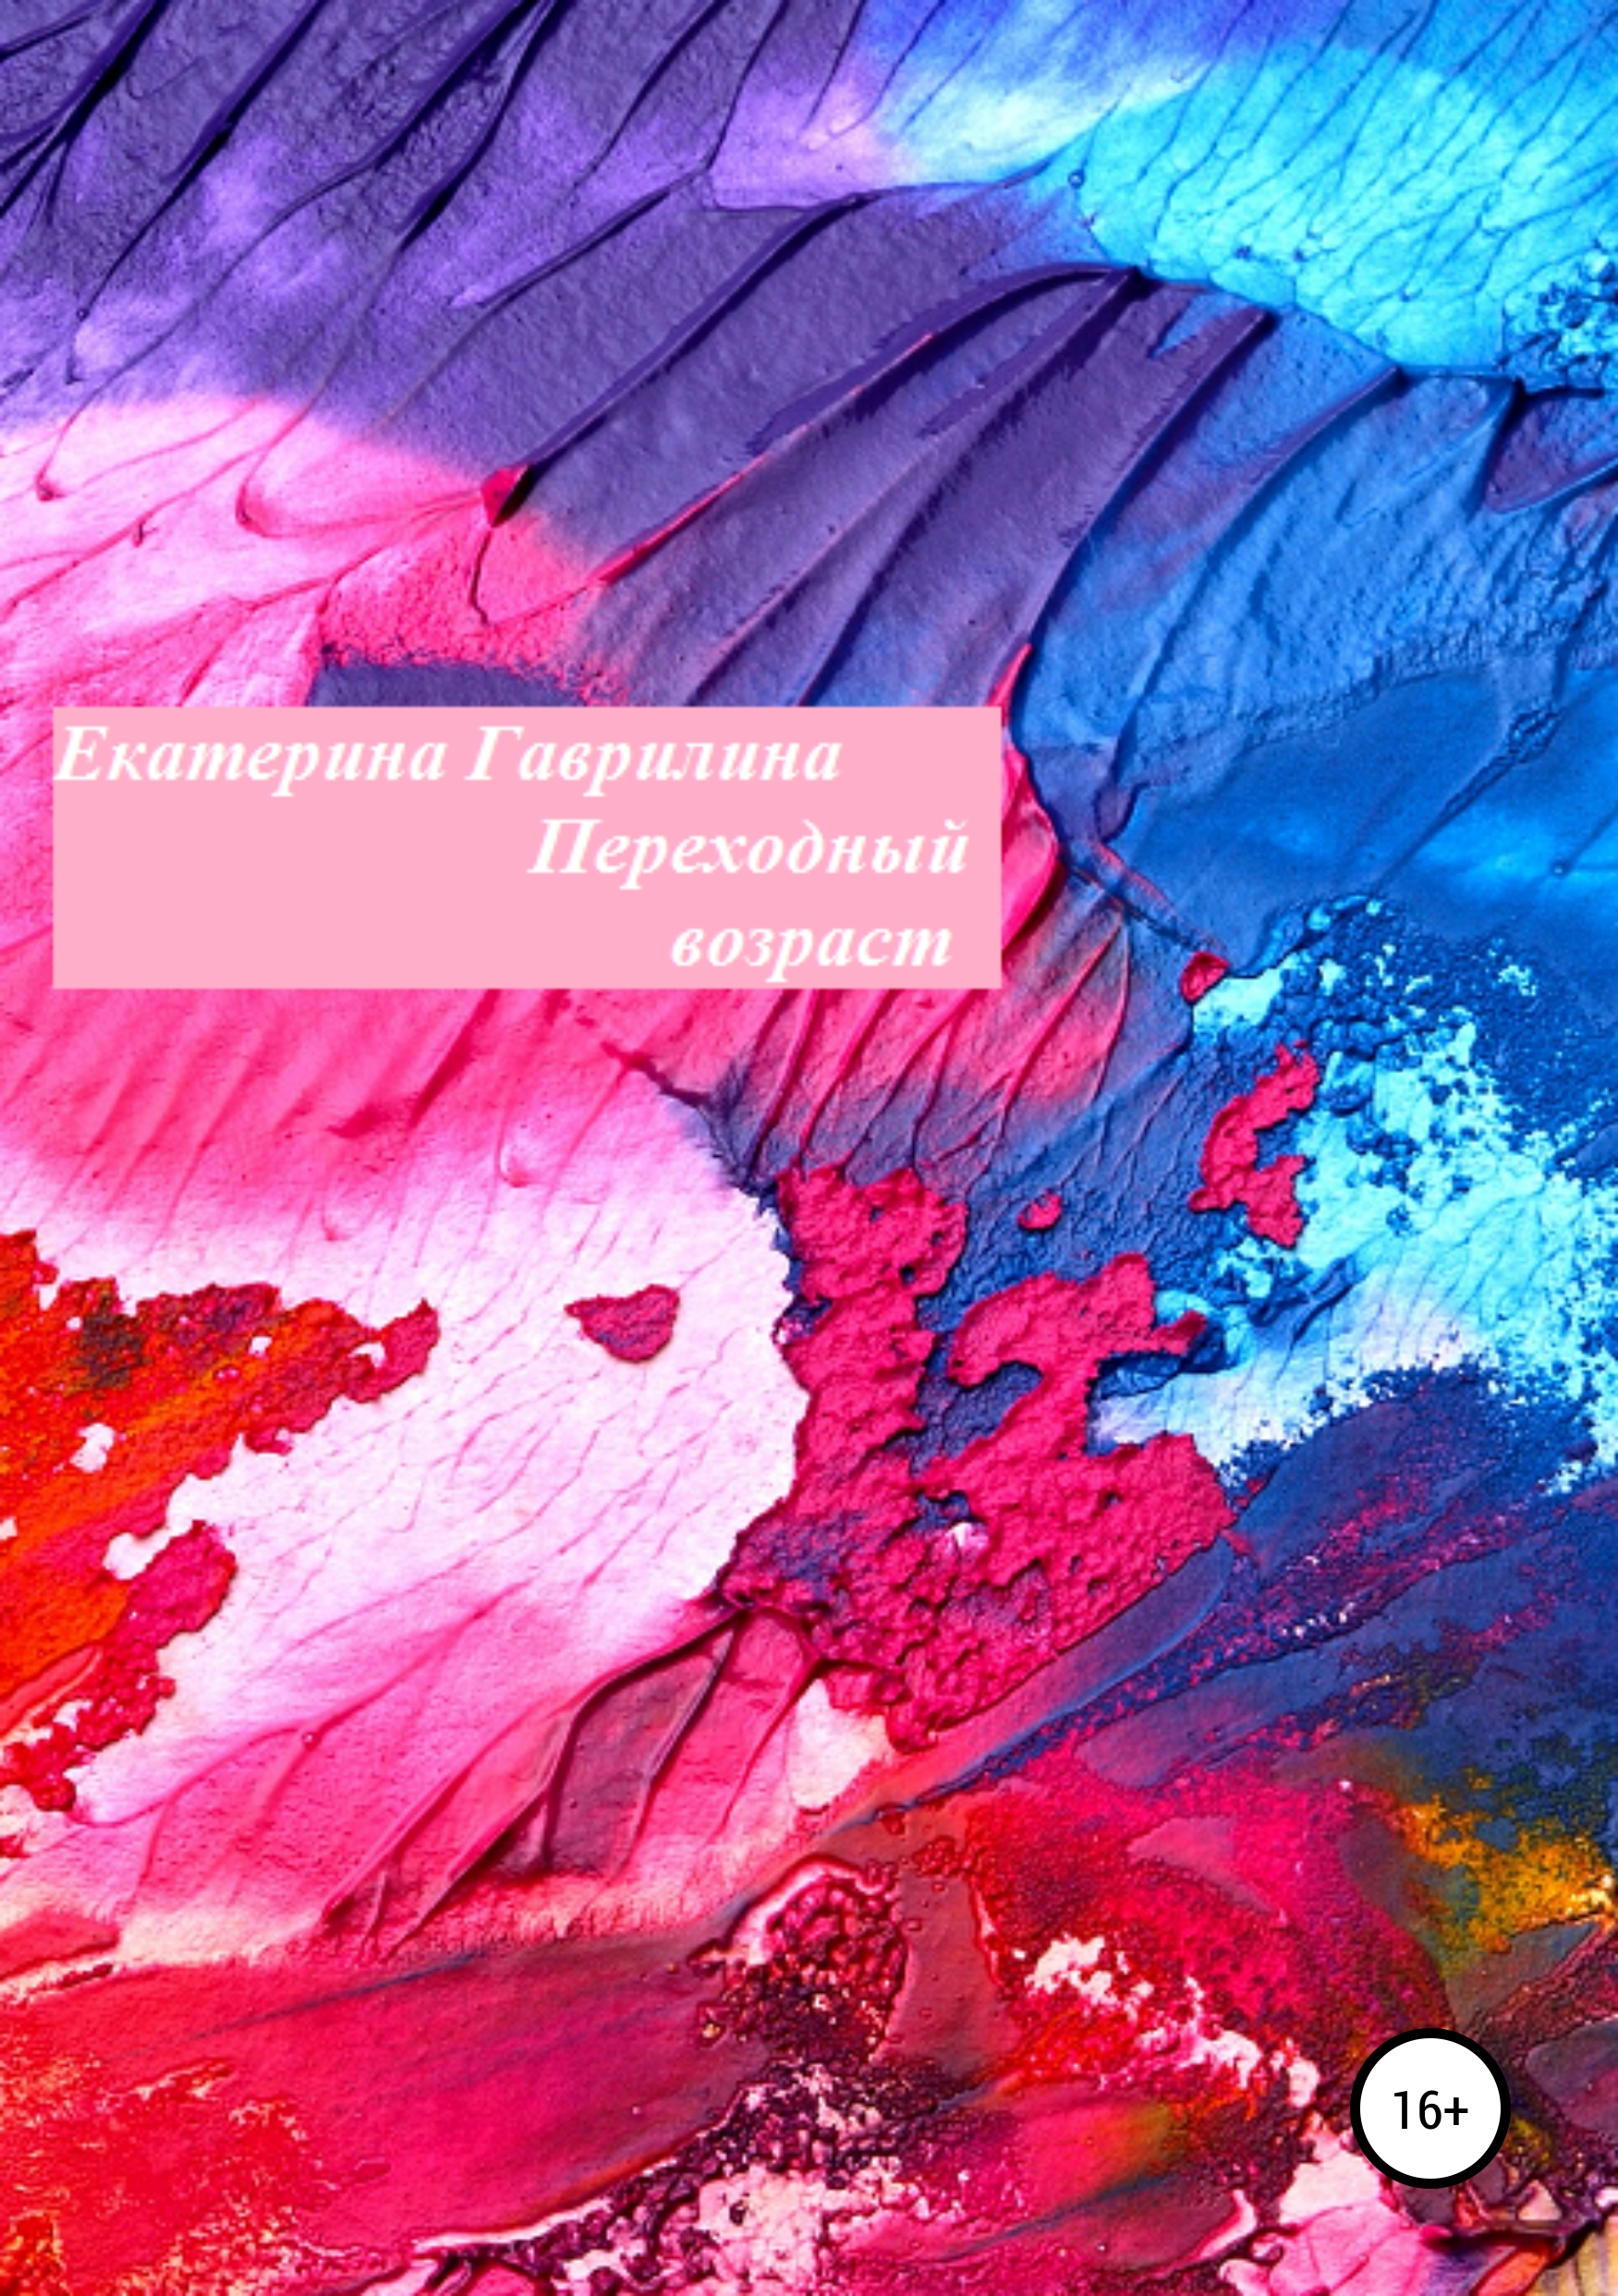 Екатерина Александровна Гаврилина Переходный возраст инна кабыш переходный возраст